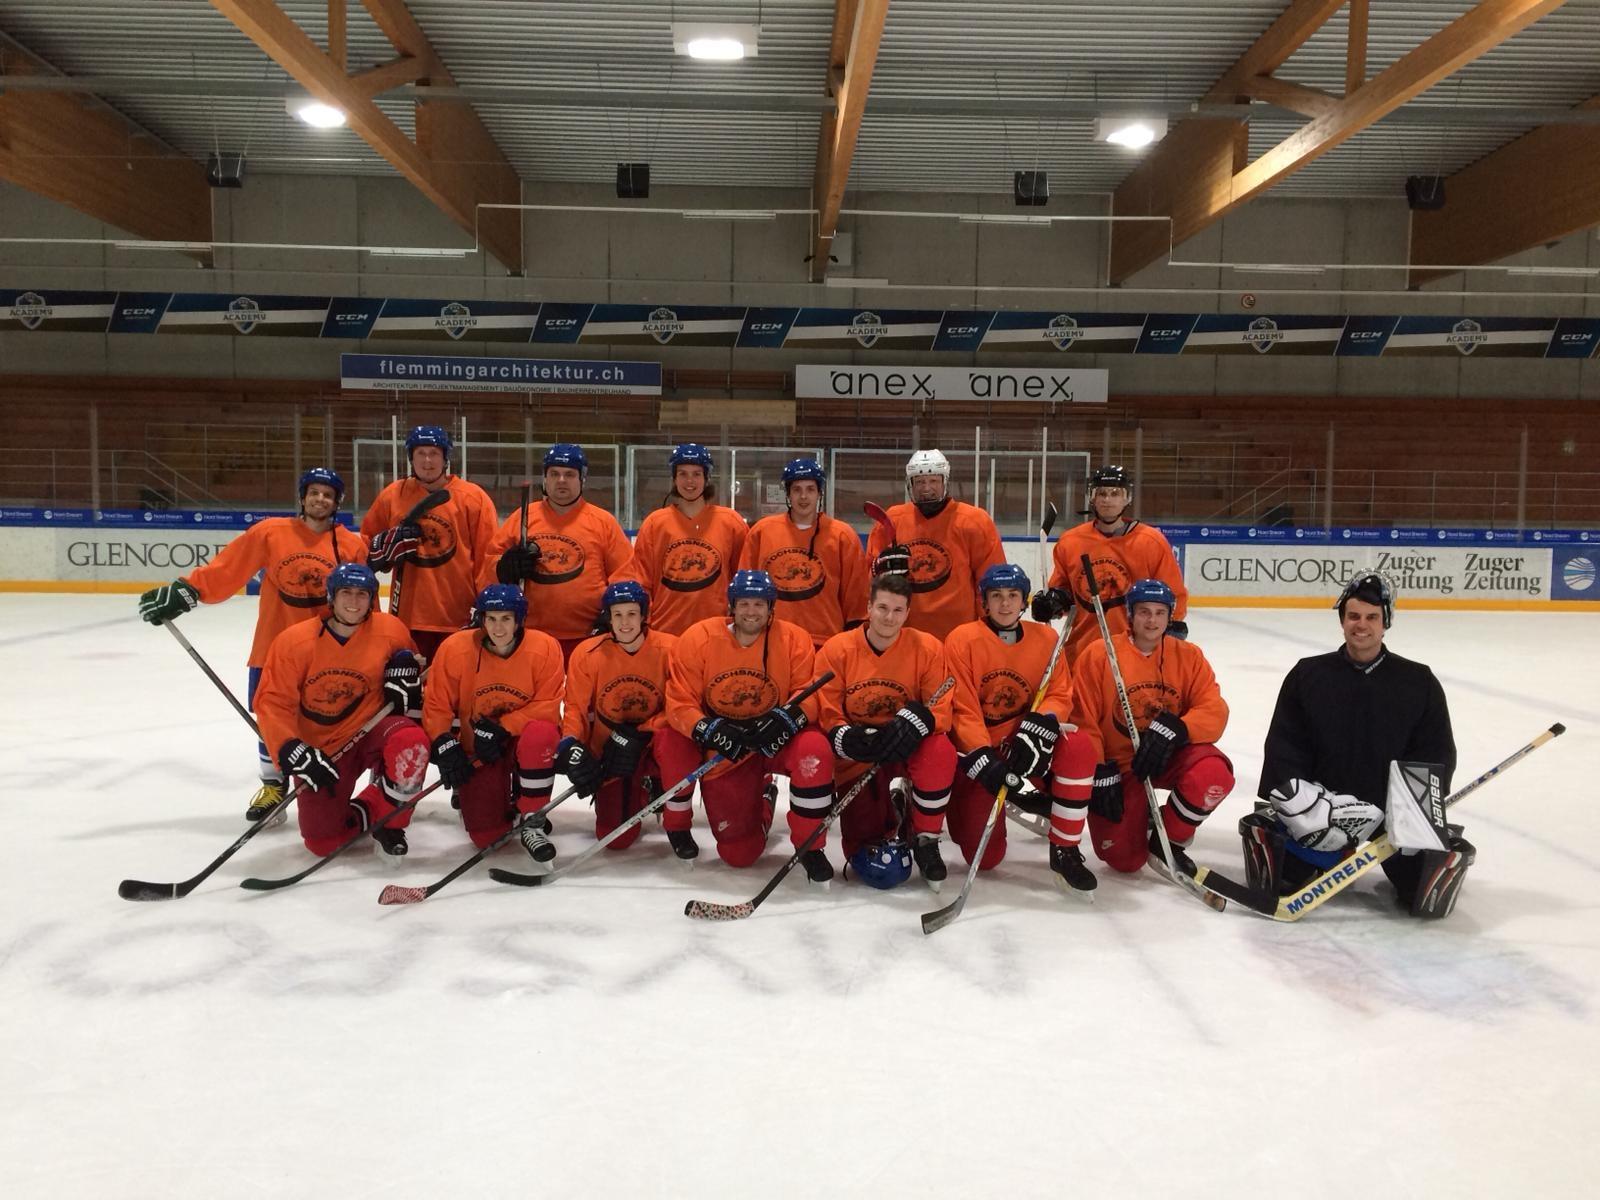 Niederlage im Eishockey gegen Mettmi